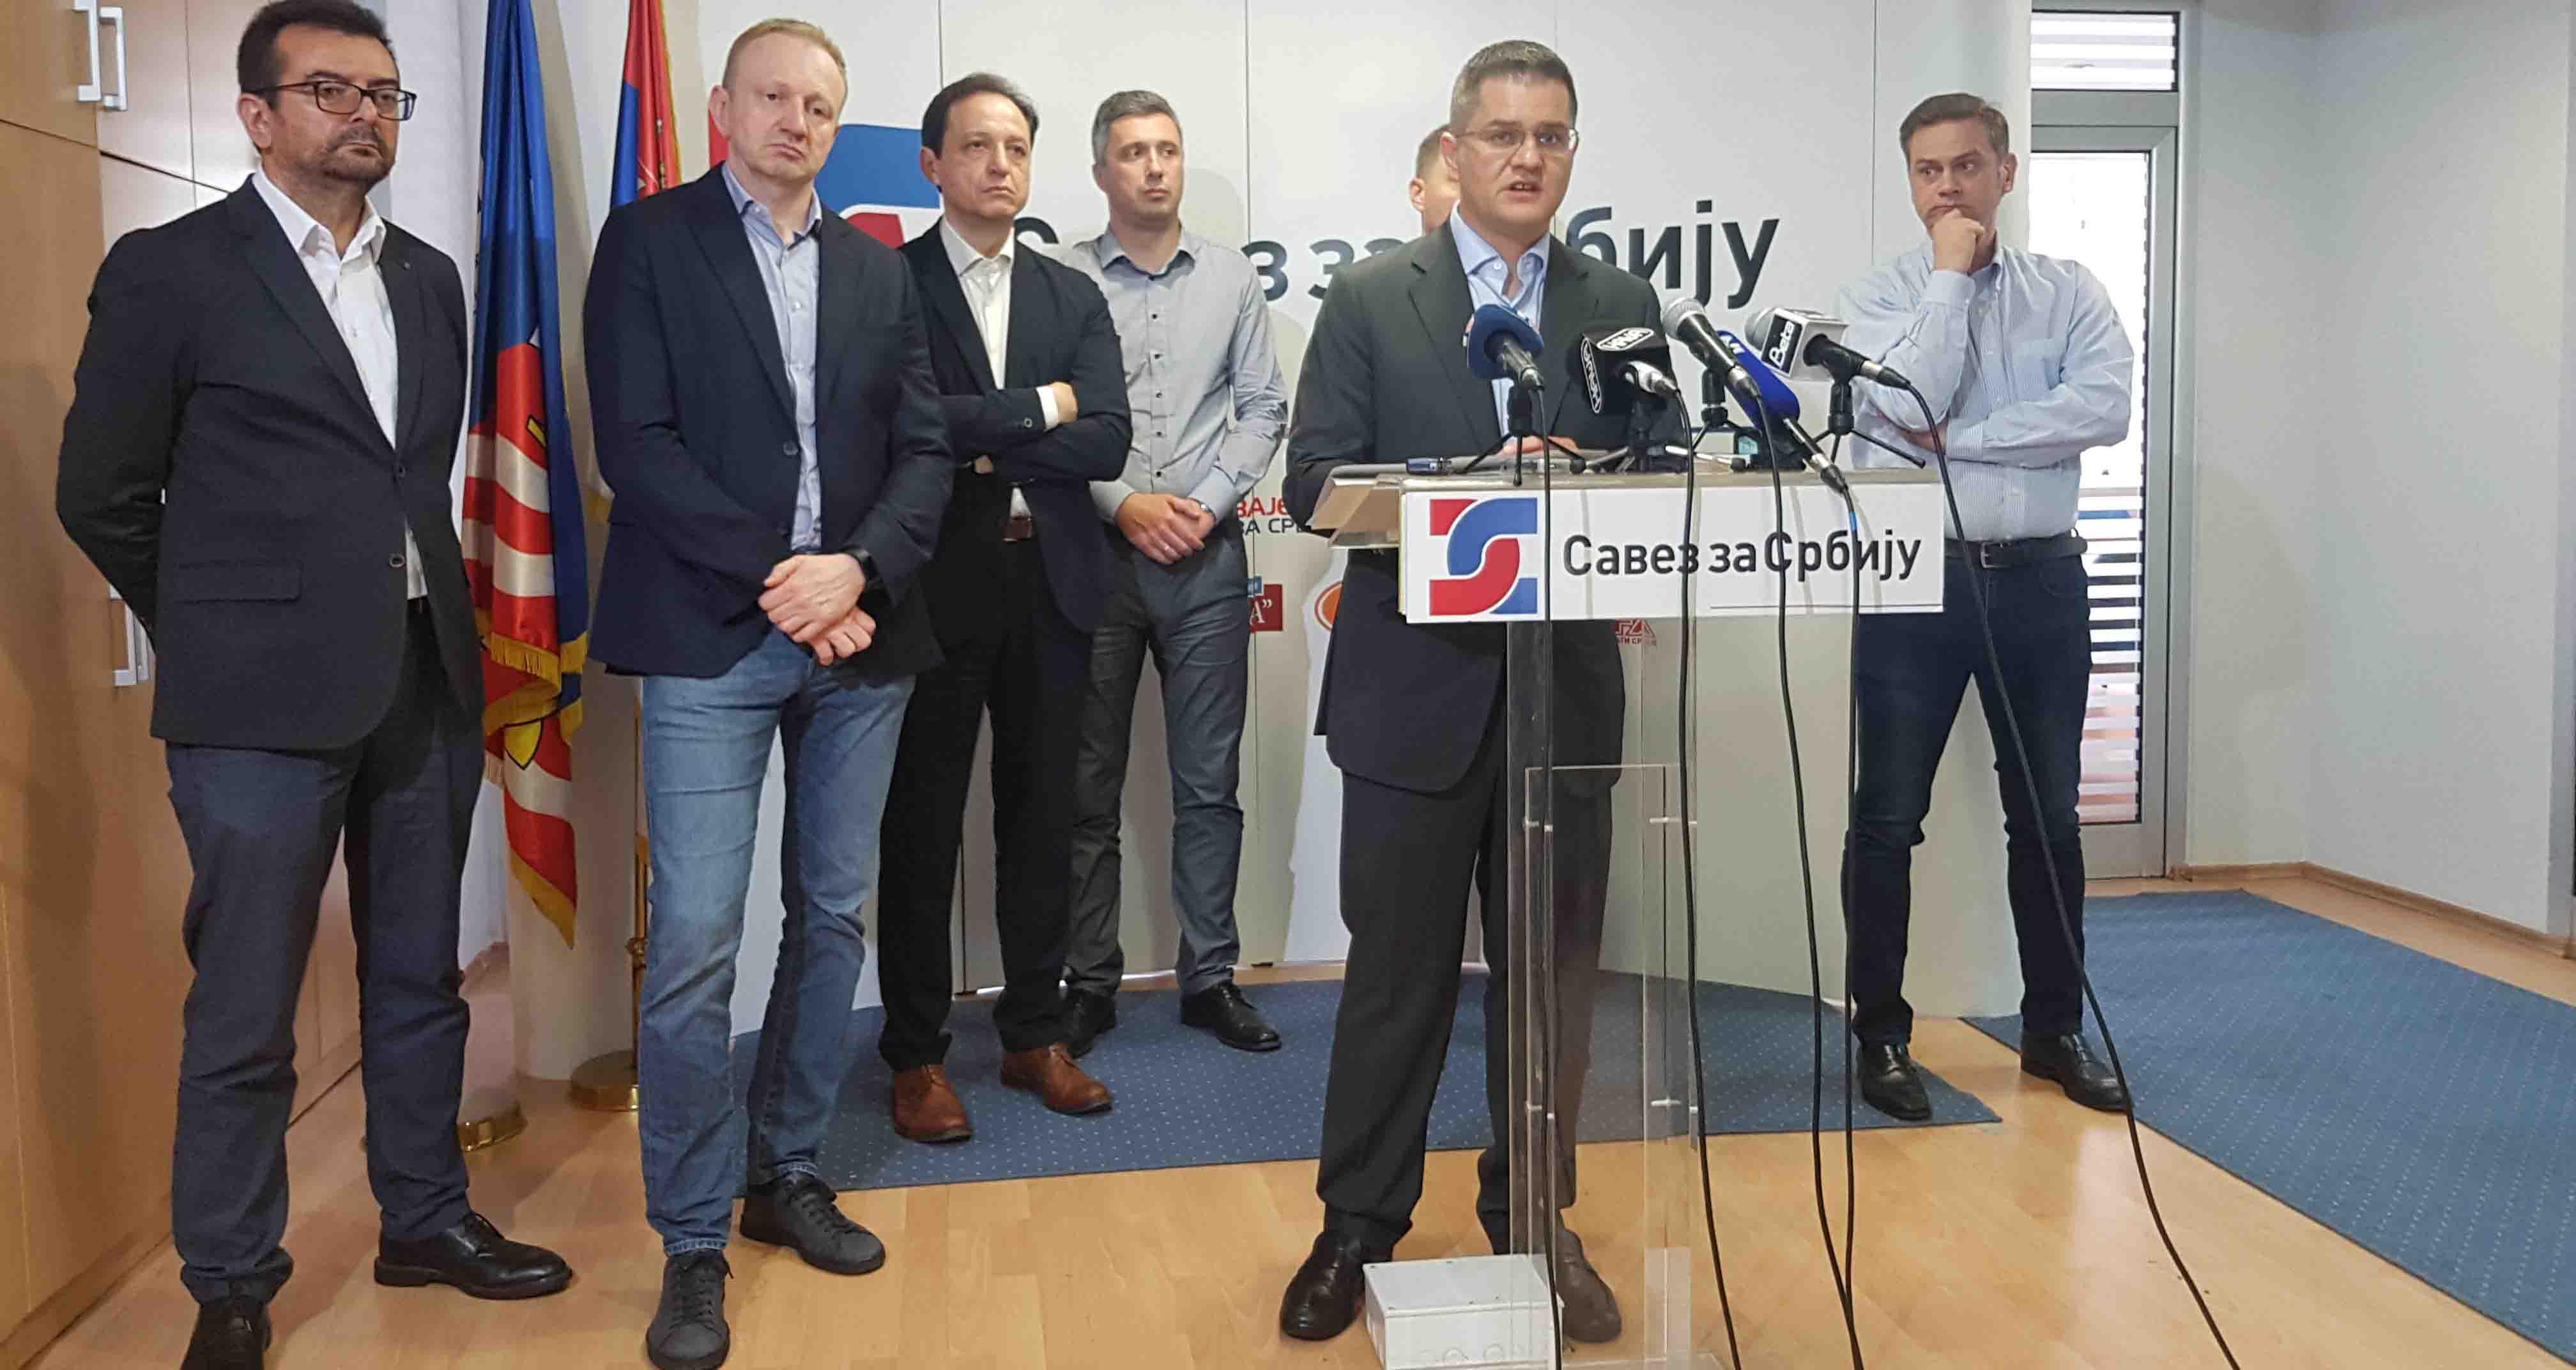 Јеремић:  Србија у извештају Фридом хауса наведена као први пример гушења медијских слобода у свету